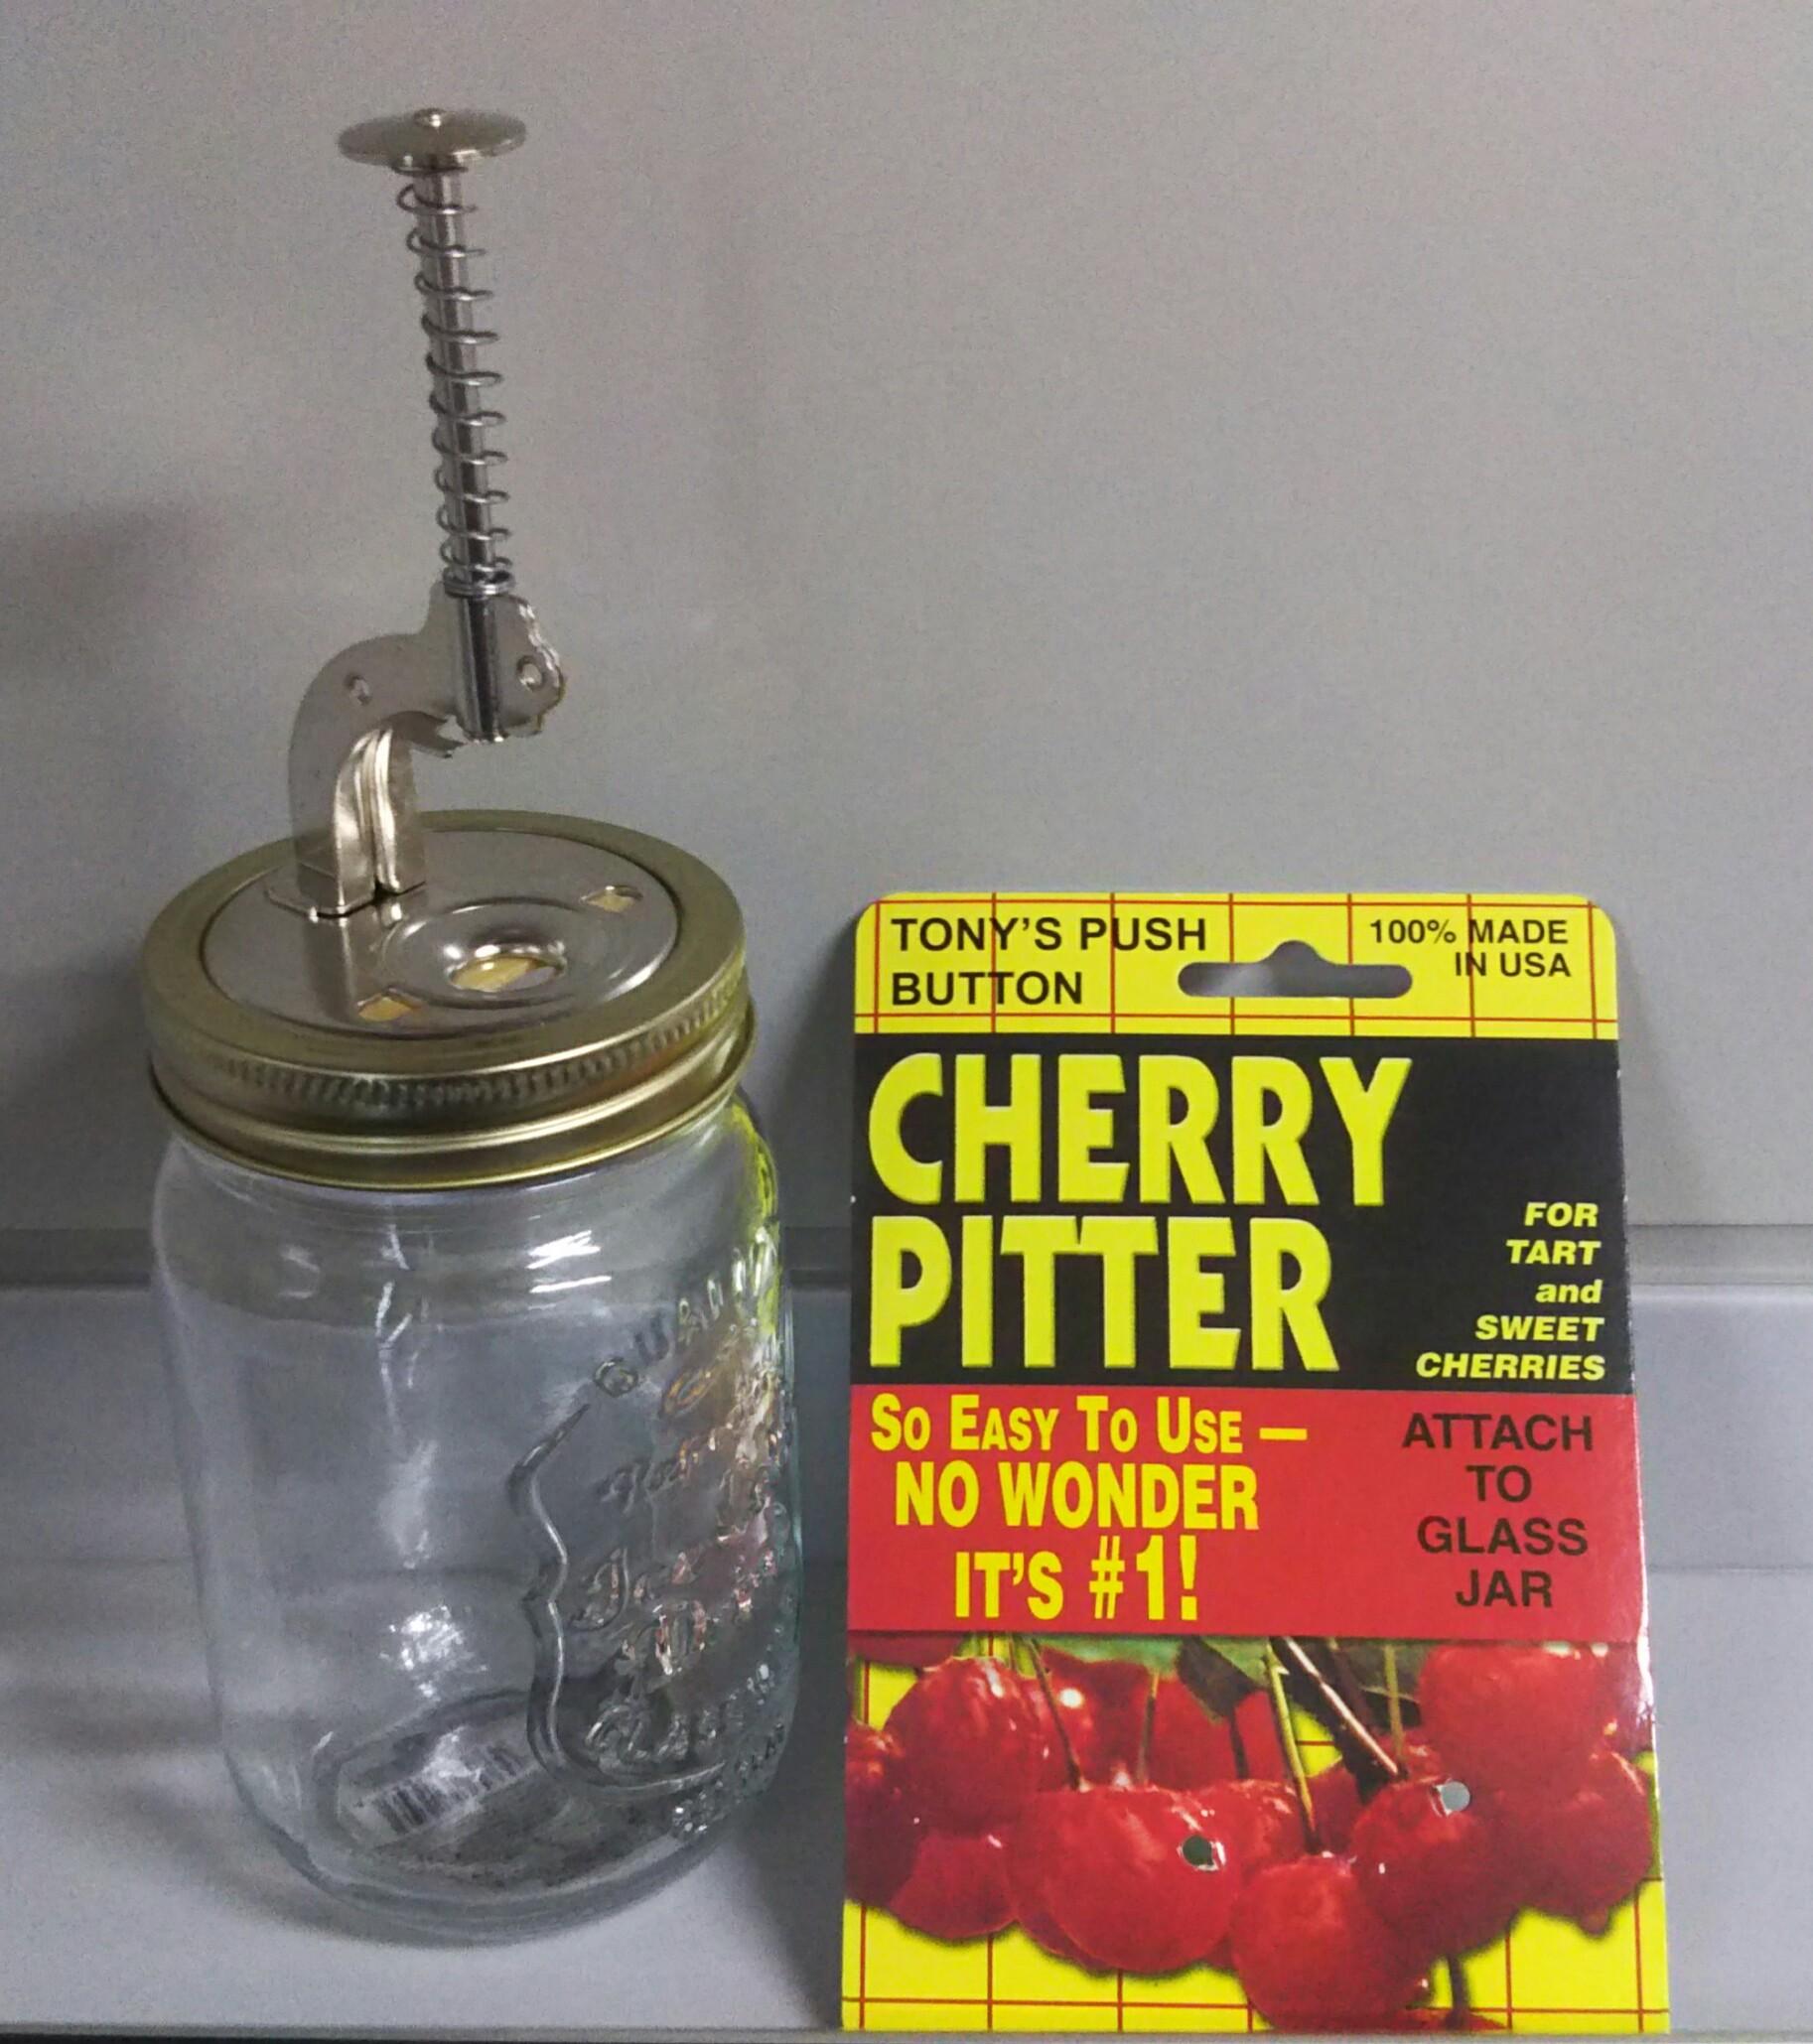 念願のチェリーピッター購入!100均のガラス瓶も合わせて買いました